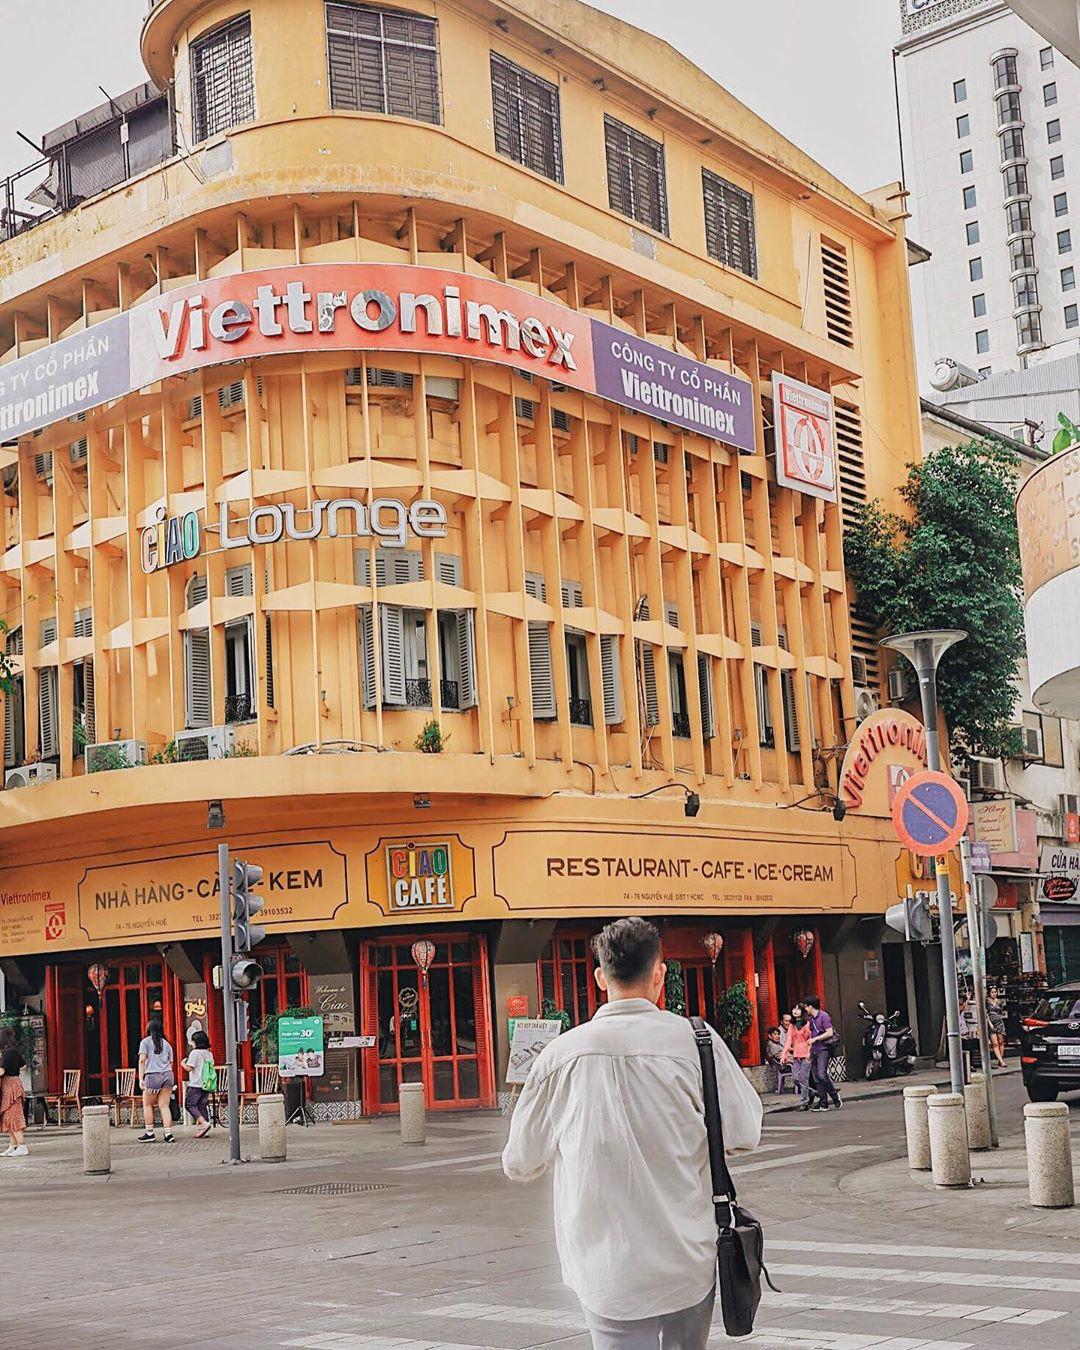 """Cùng nhìn lại background góc đường Ciao cafe  """"huyền thoại"""" ở Sài Gòn trước khi sắp biến mất"""